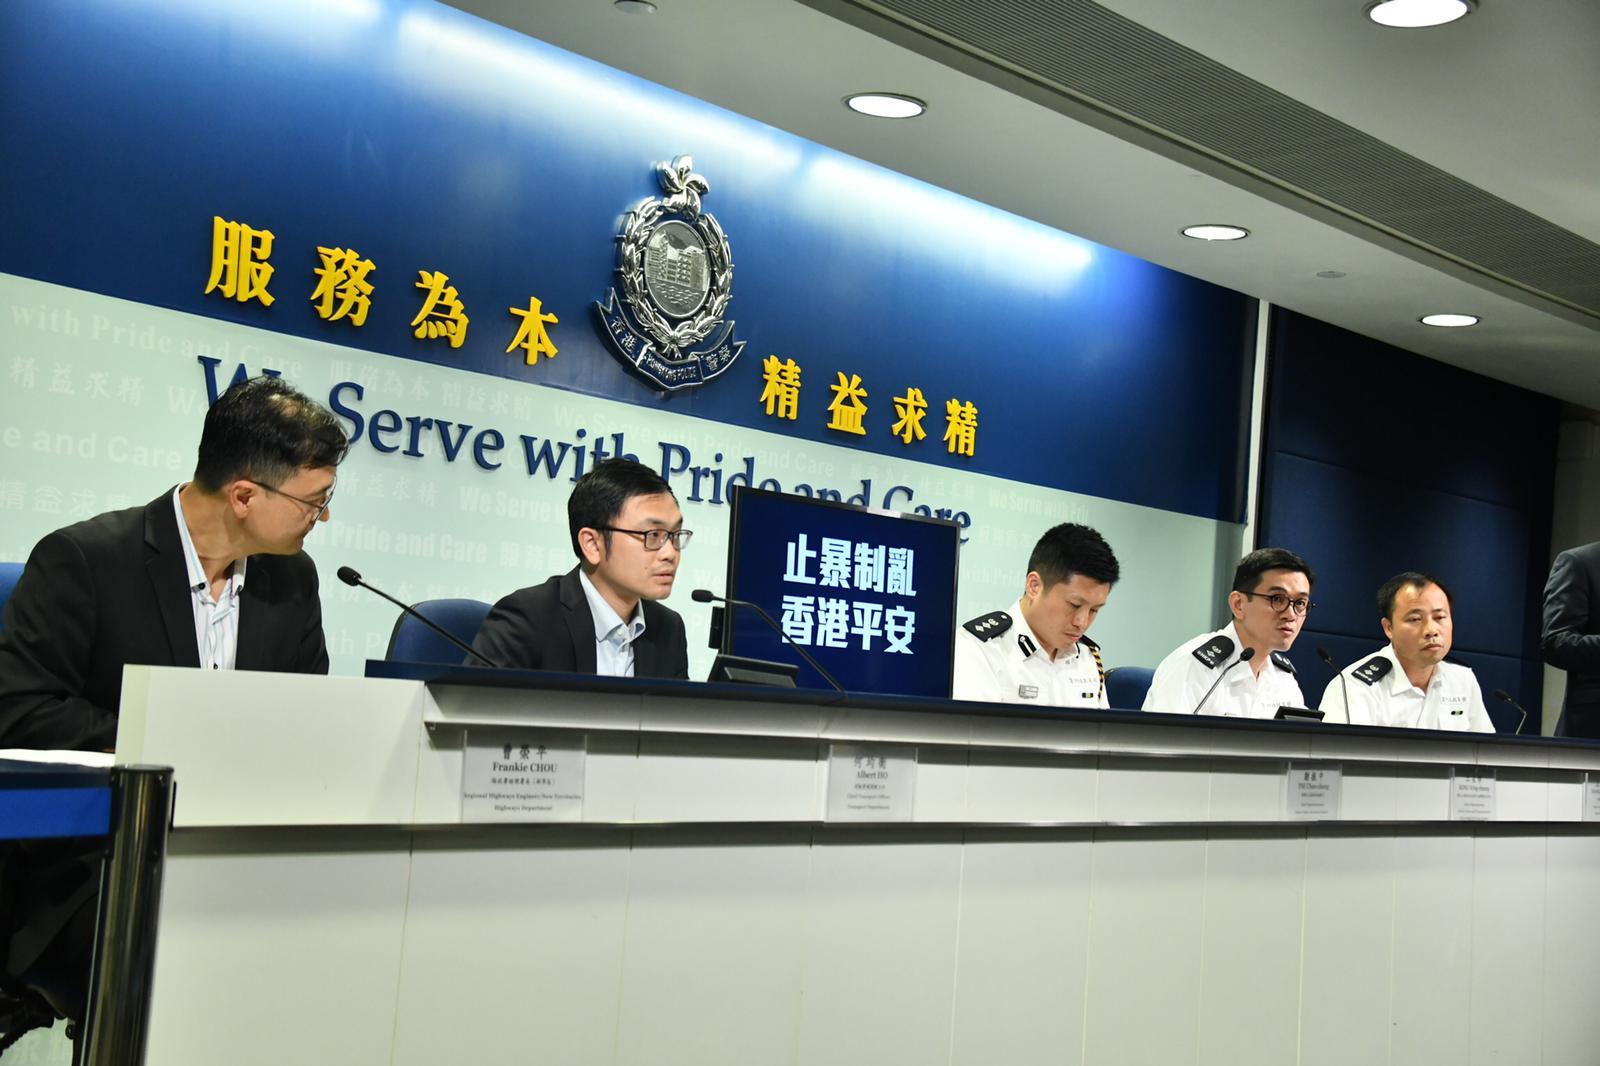 警:惩教员已宣誓为特务警察 执勤时穿惩教制服